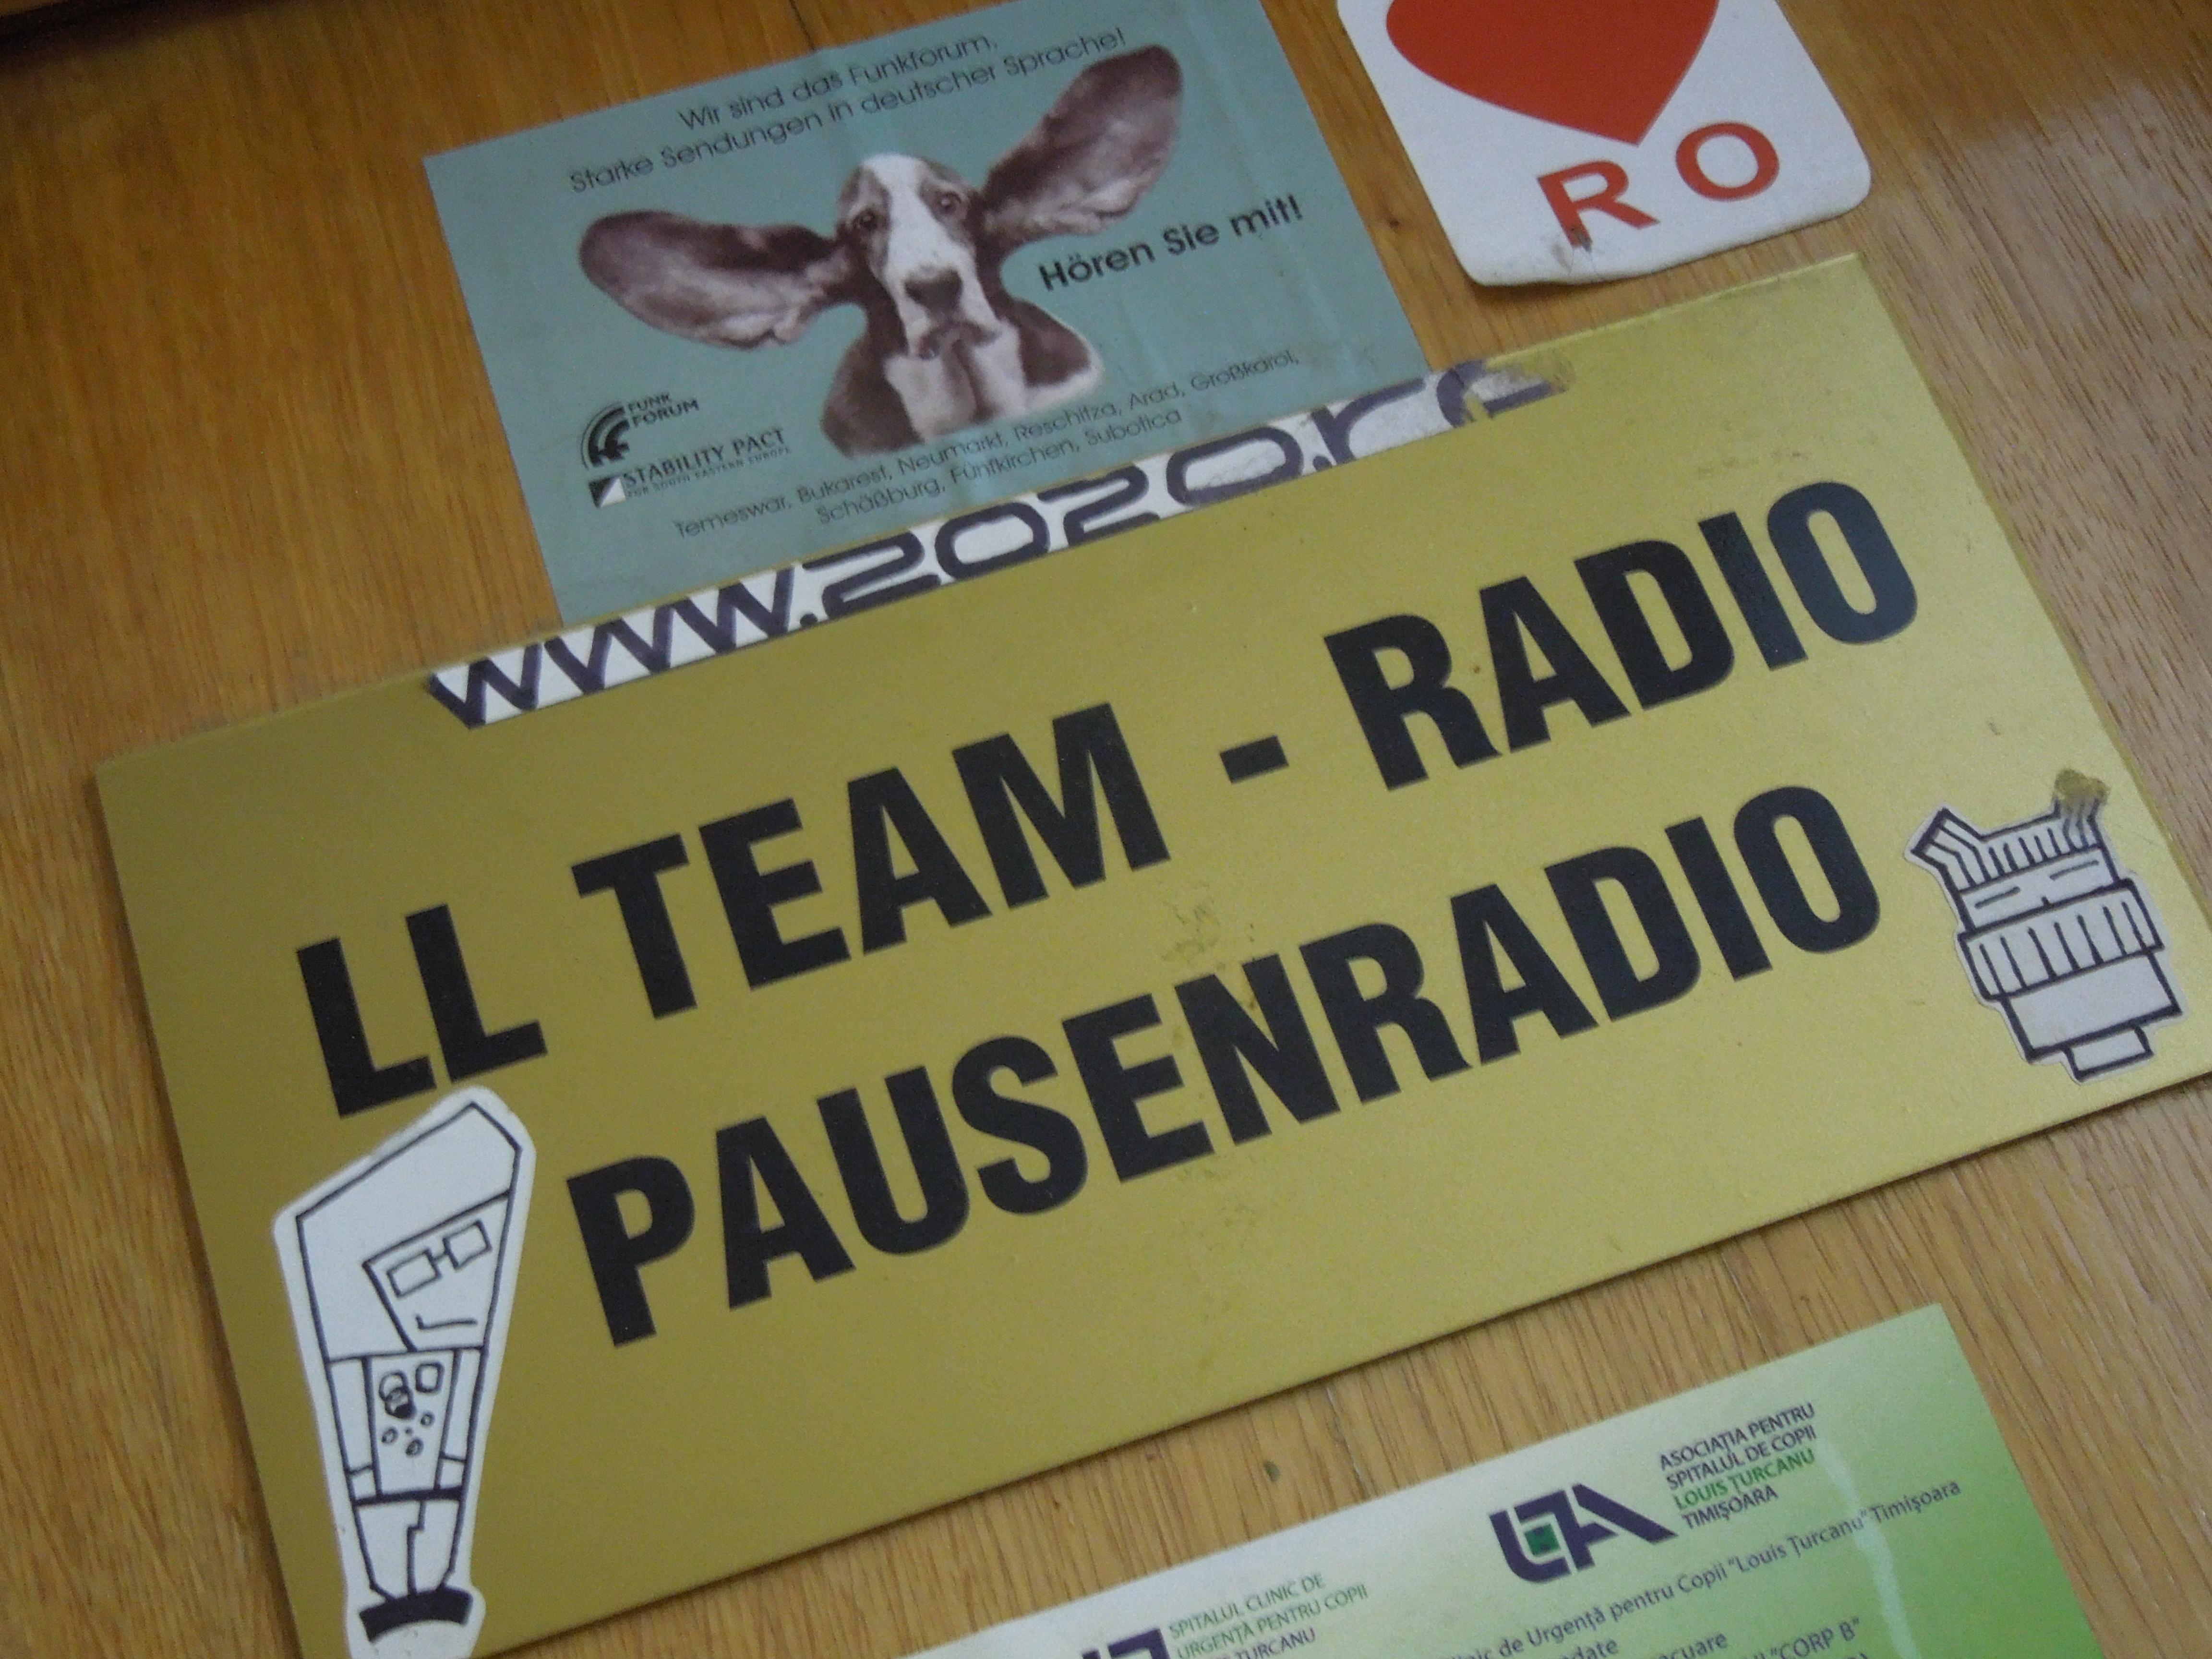 Pausenradio